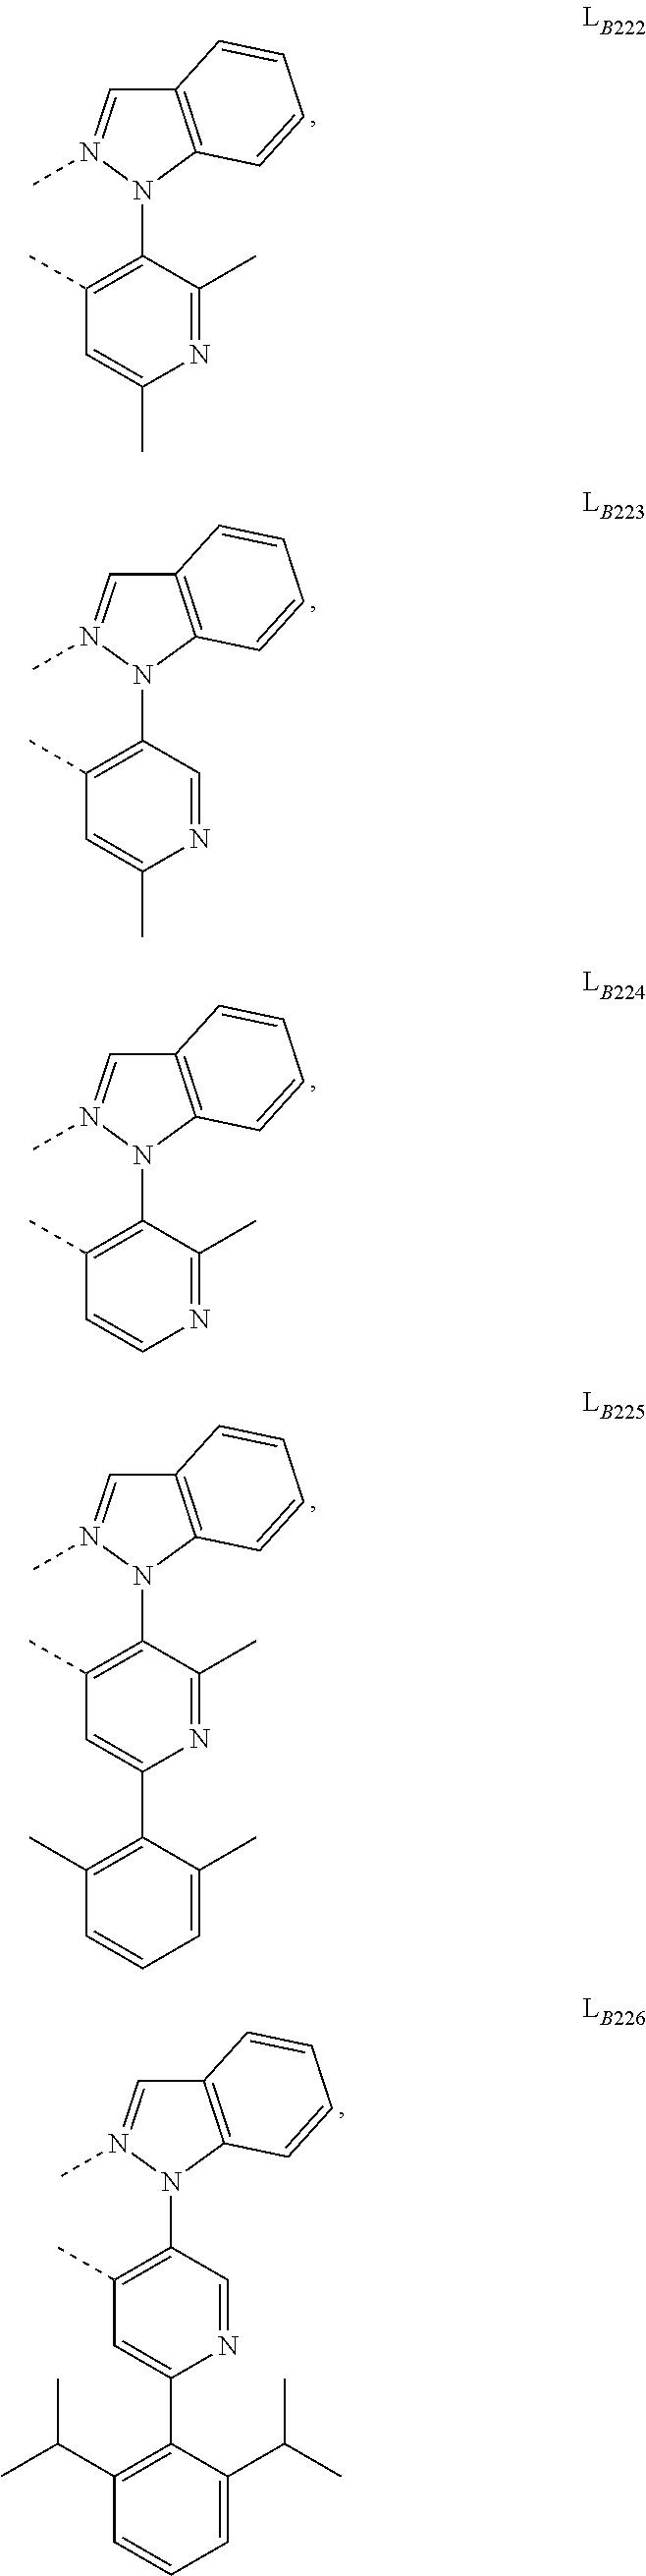 Figure US09905785-20180227-C00547